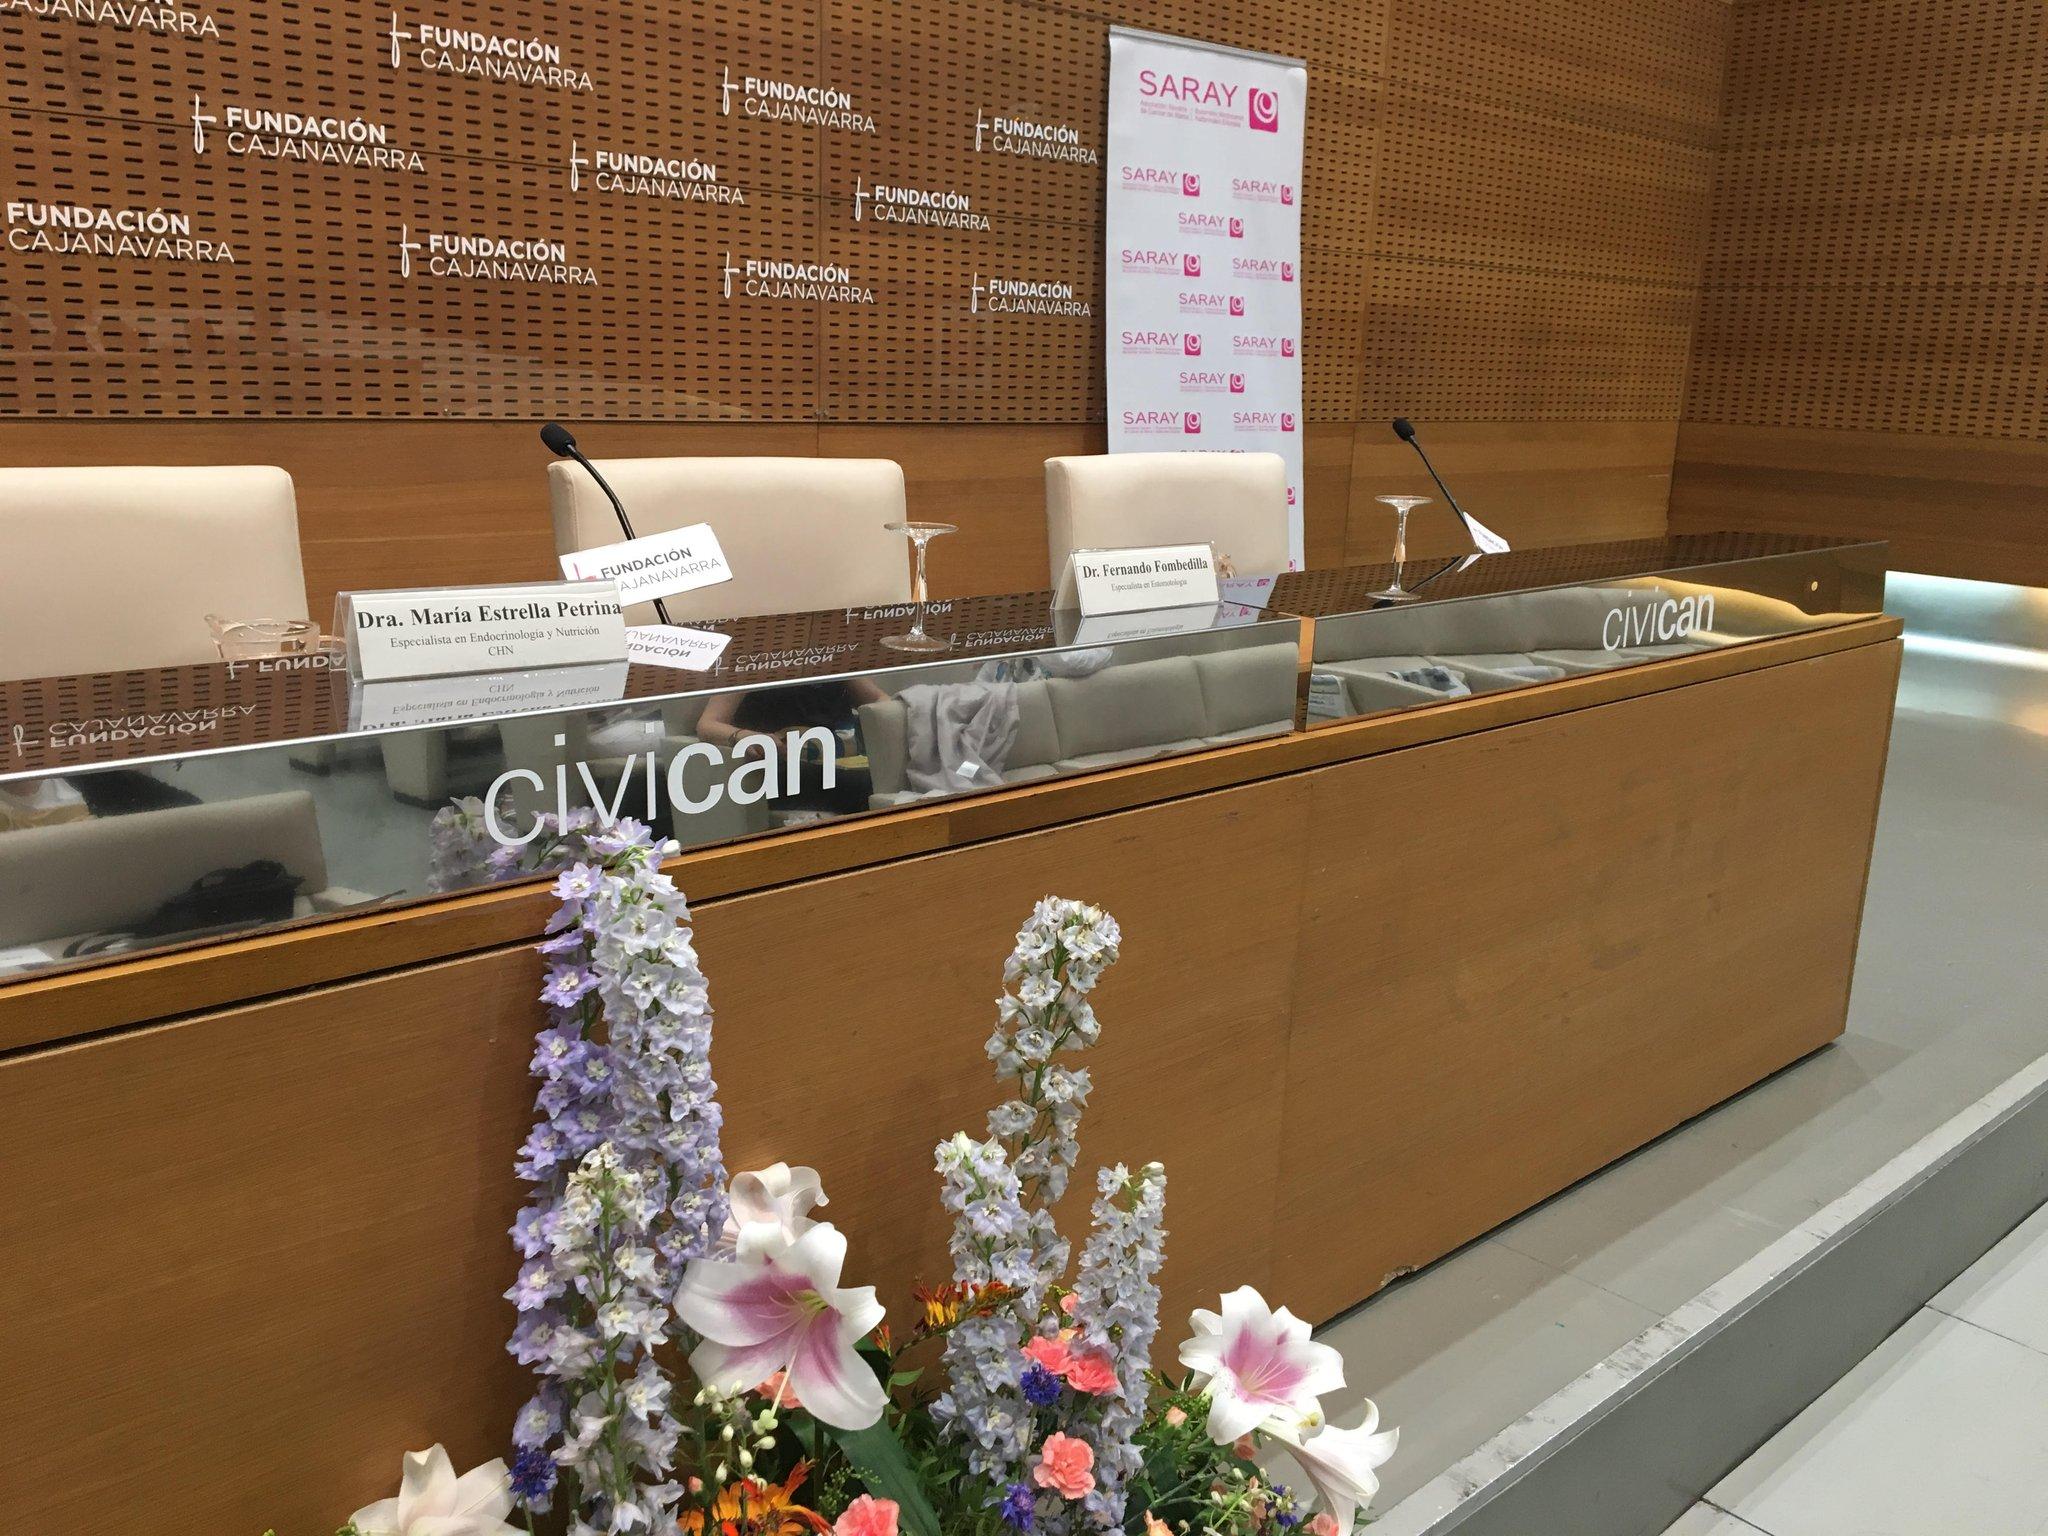 Todo preparado para comenzar la #JornadaSaray en @civicanFCN Alimentación y cáncer https://t.co/Sjt7GQbFUp